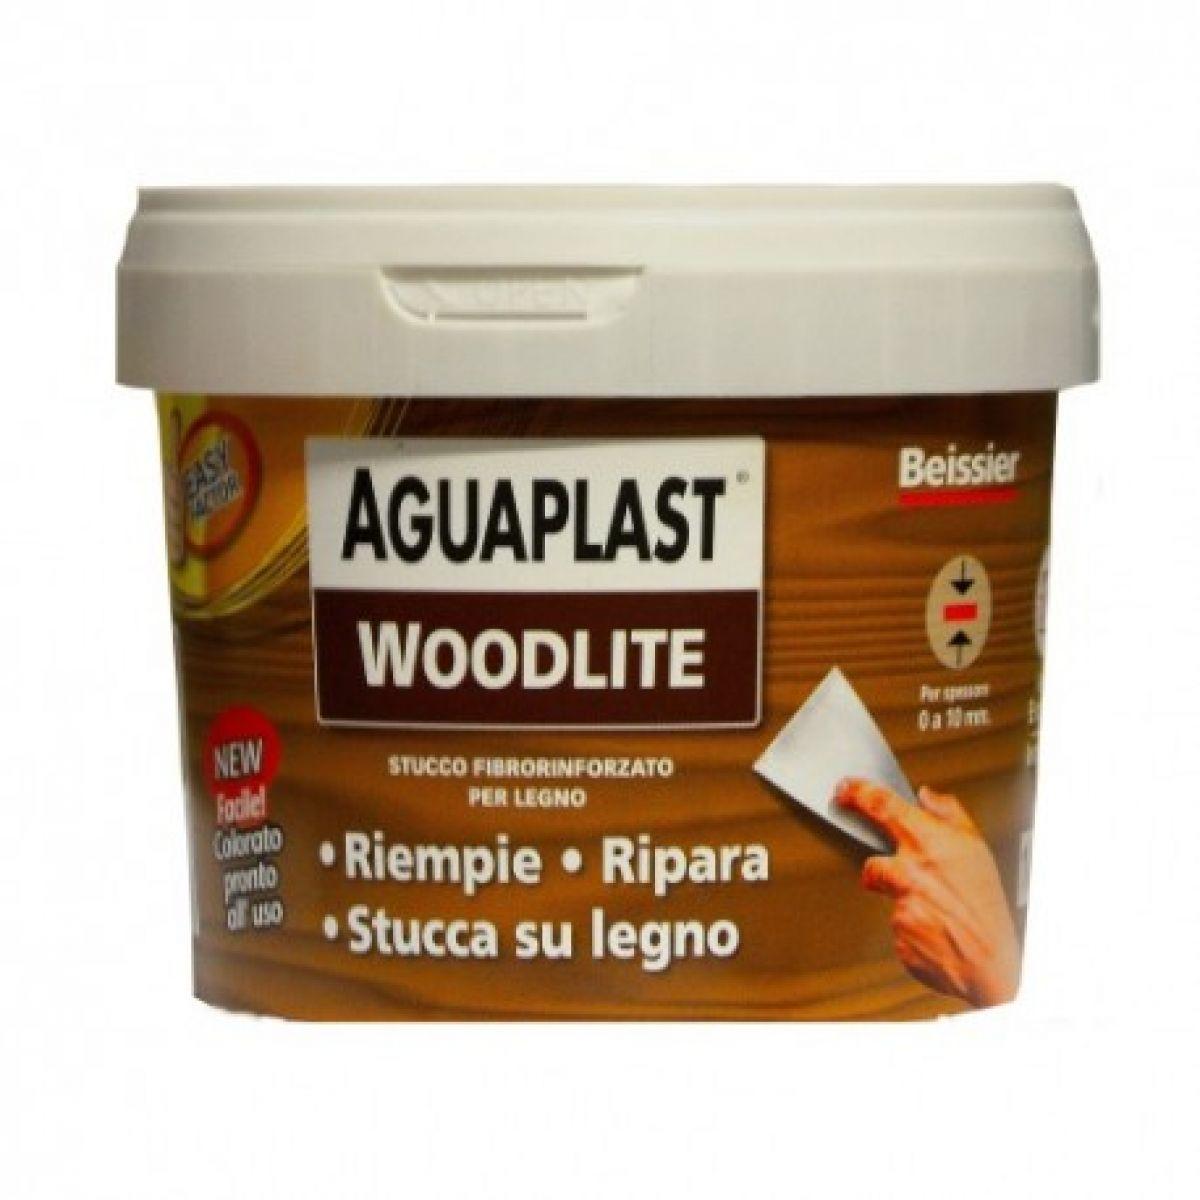 WOODLITE NOCE CHIARO  1 kg stucco fibrato per riempire buchi e crepe su legno, in mano unica senza ritiro, resistente alle crepe, non lascia aloni